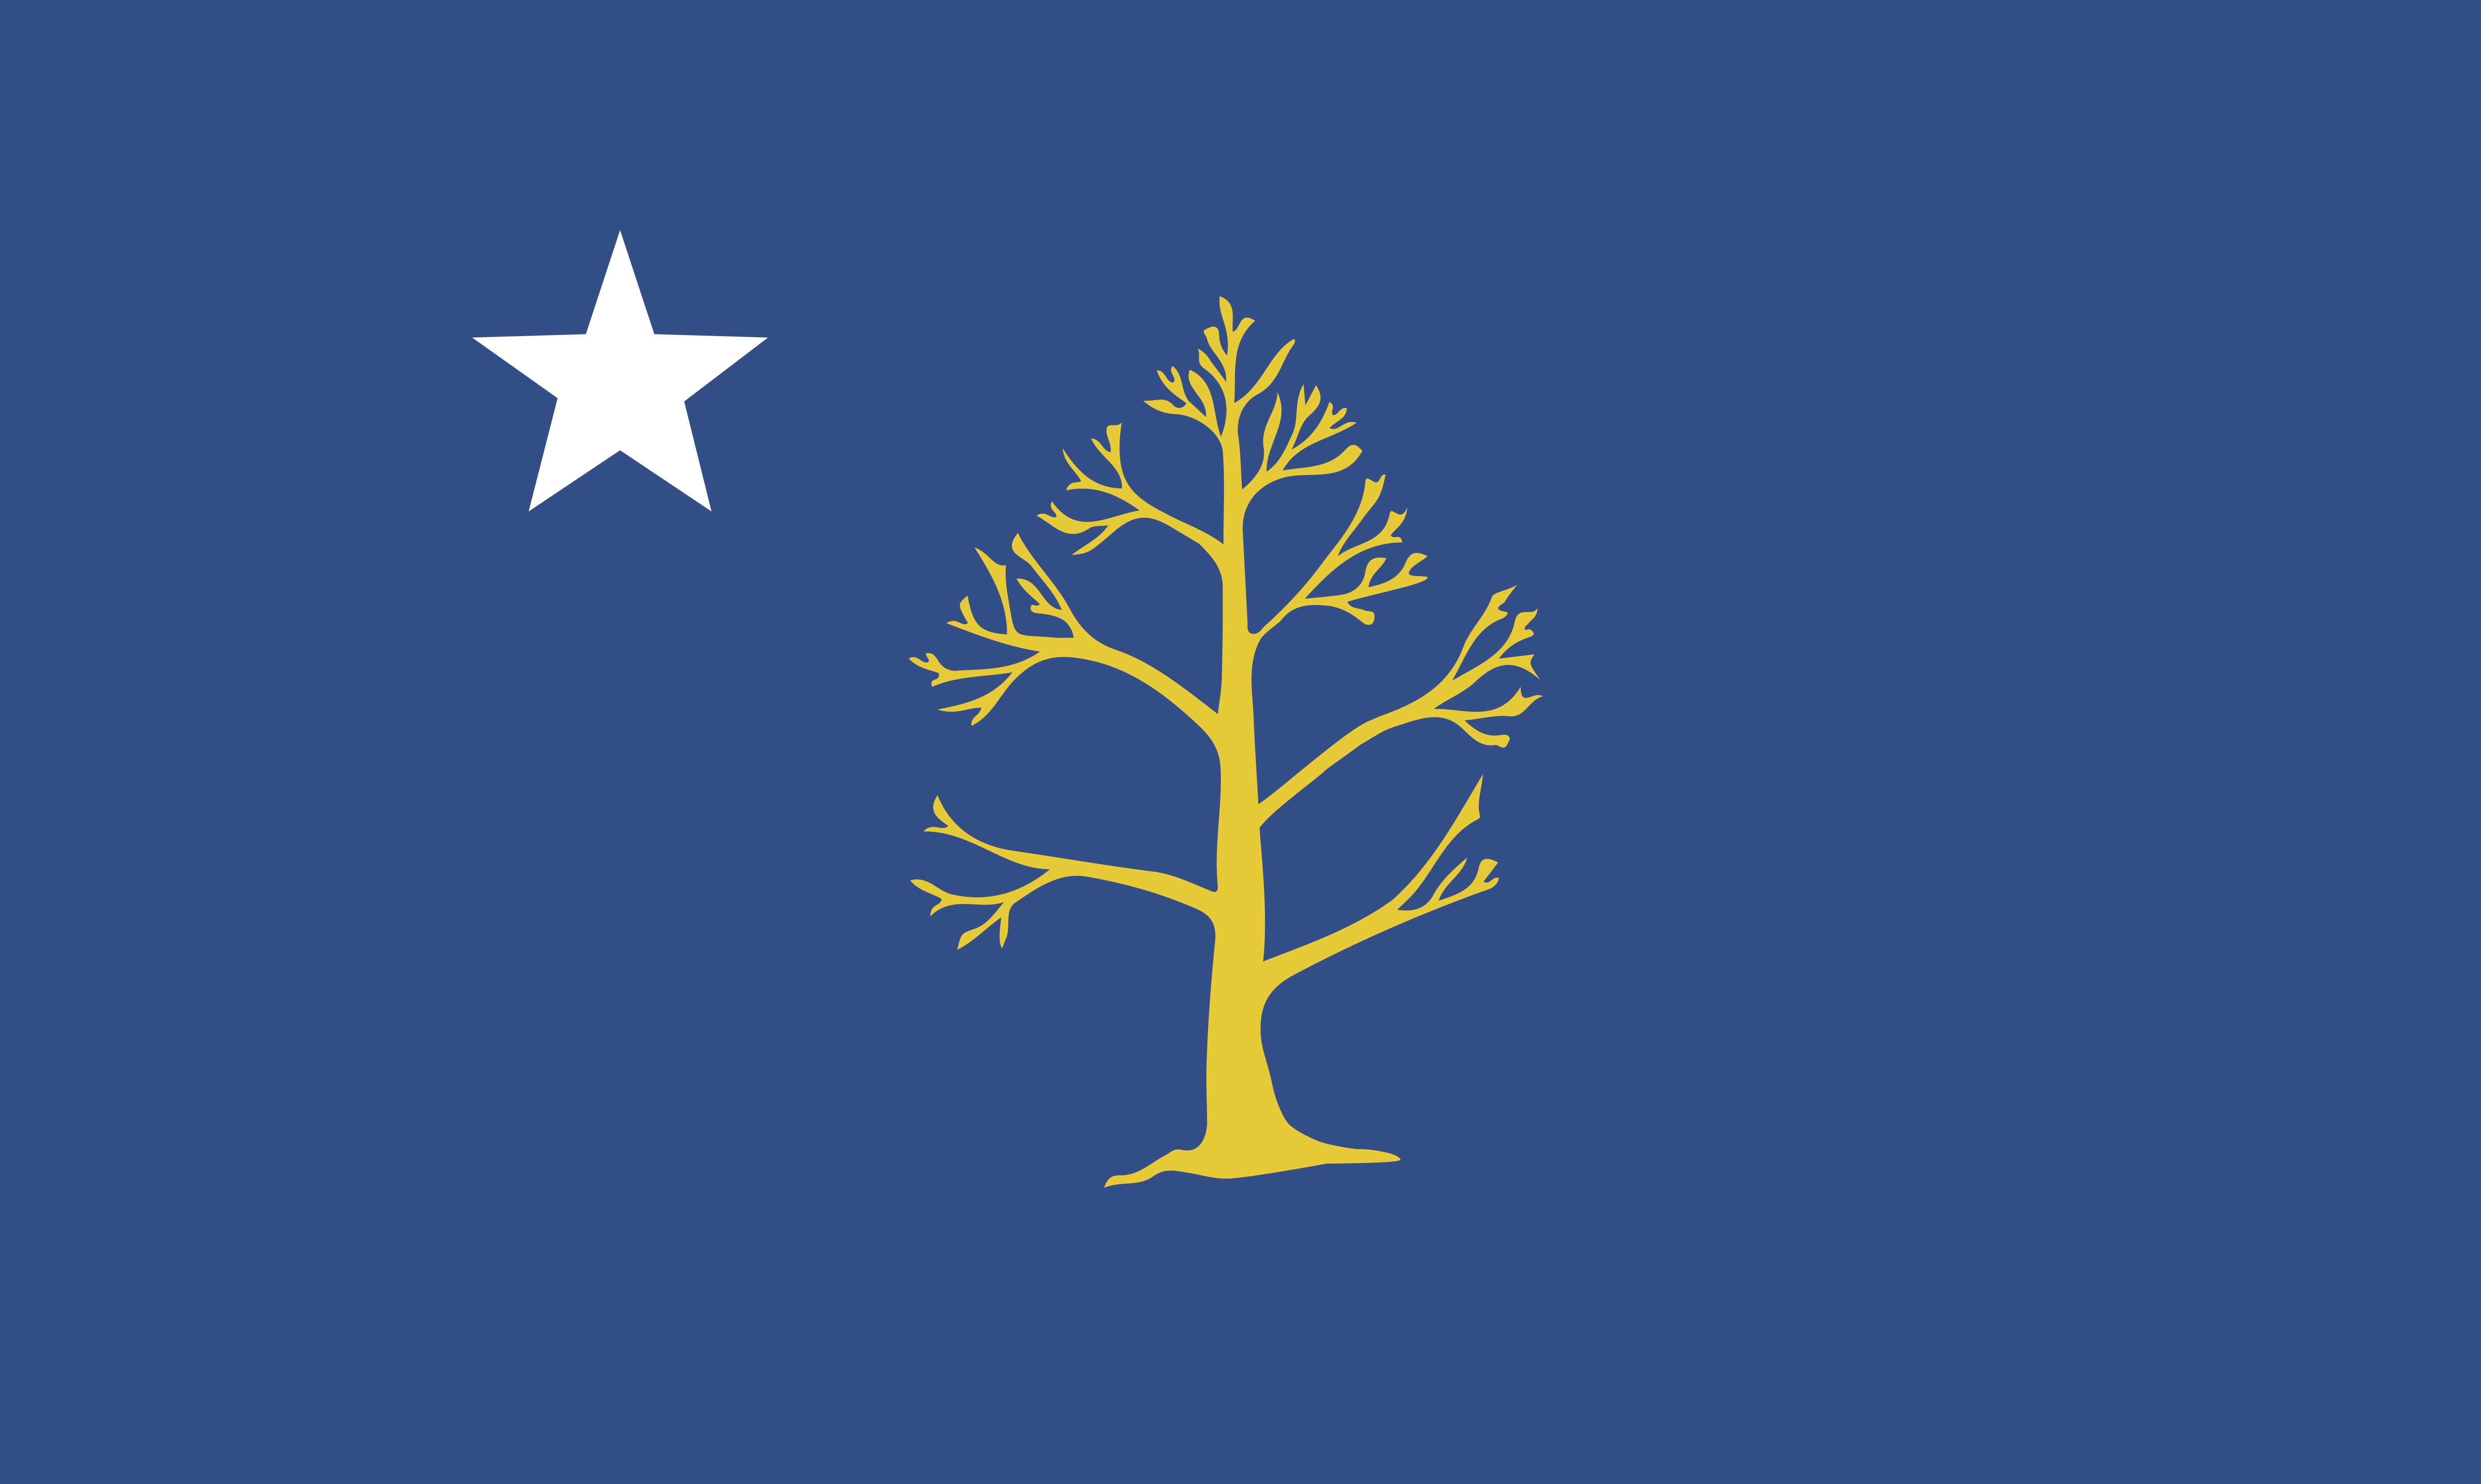 star and tree atlanta city flag